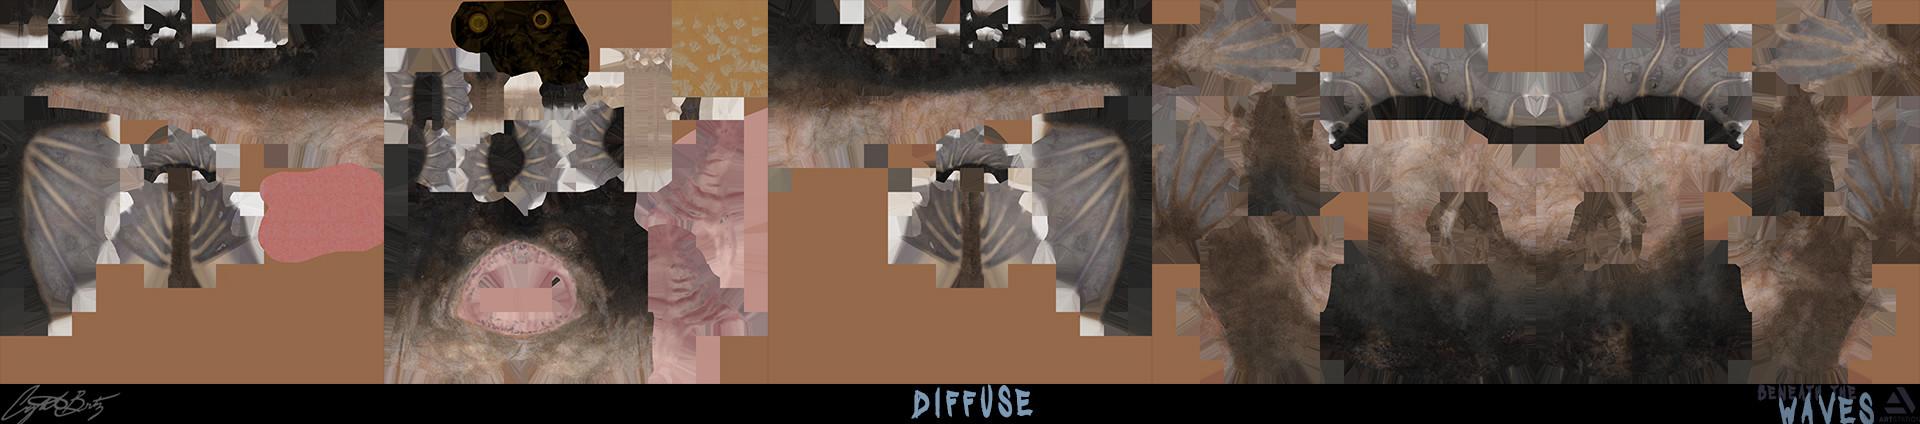 Crystal bretz texturemaps a